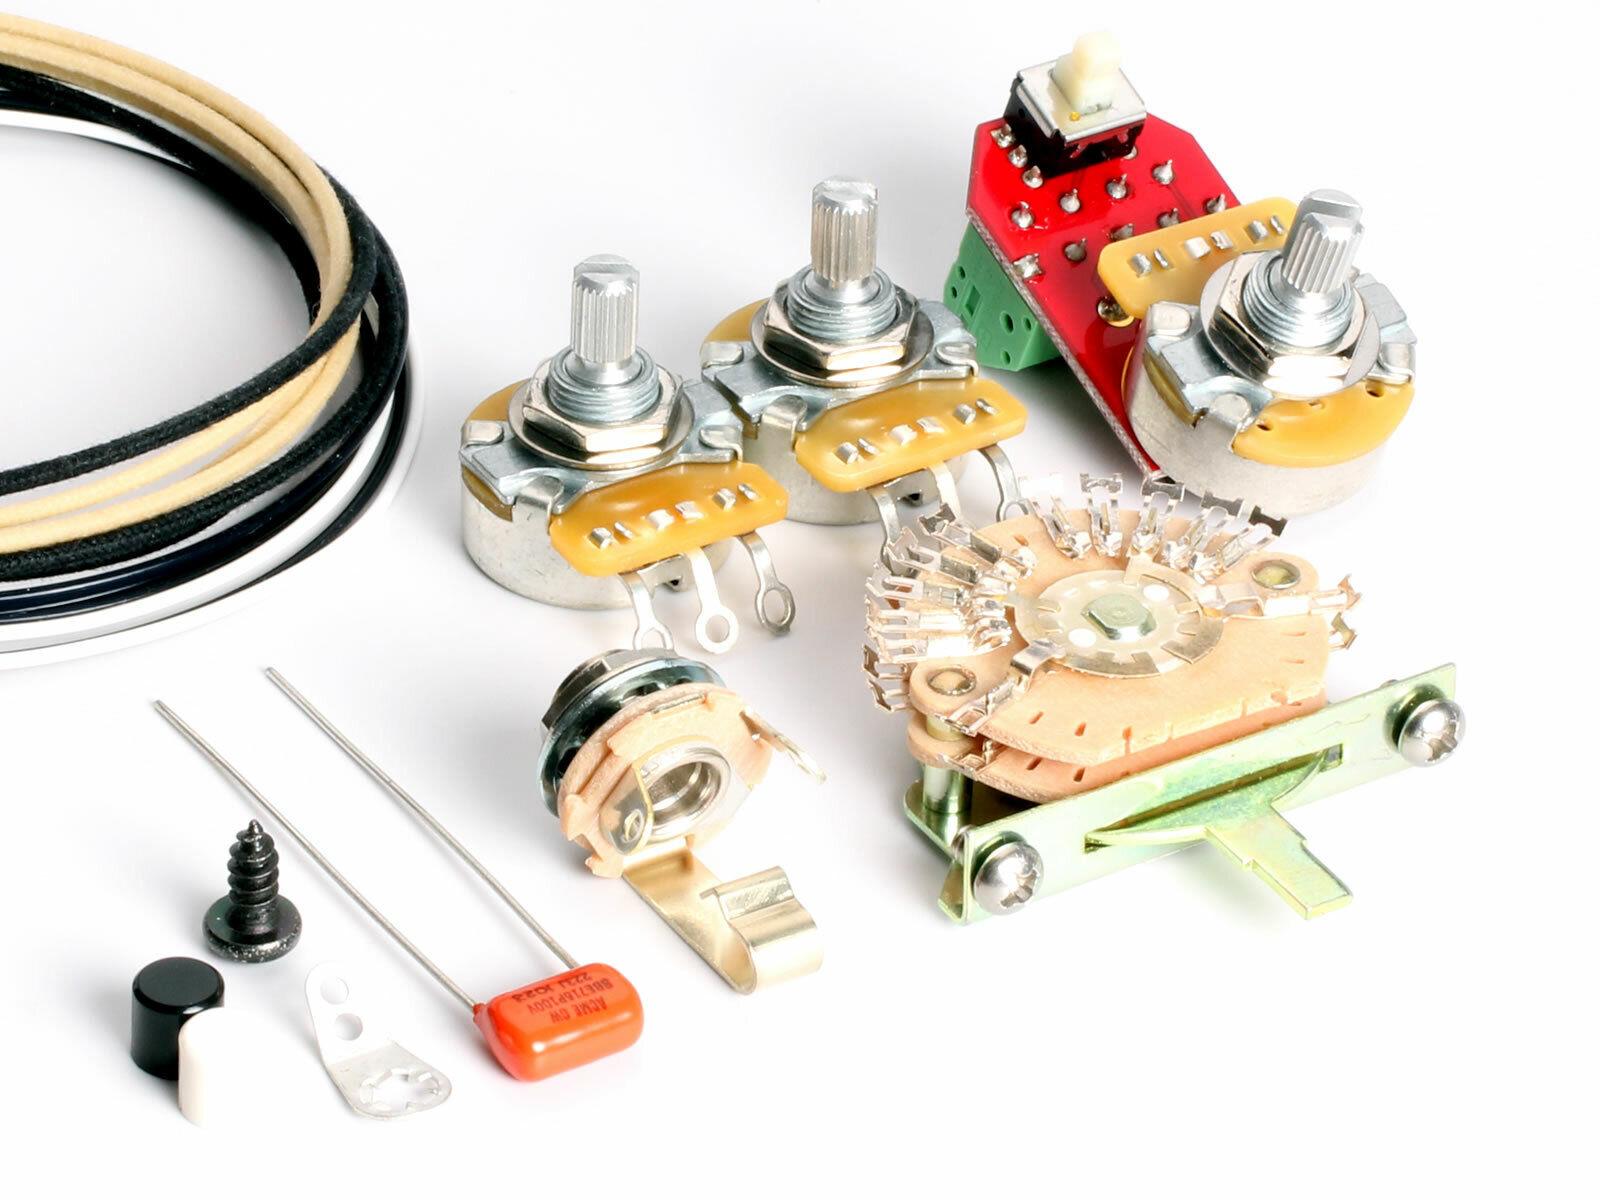 ToneShaper Wiring Kit, Stratocaster, SSS9 (Nashville Deluxe)